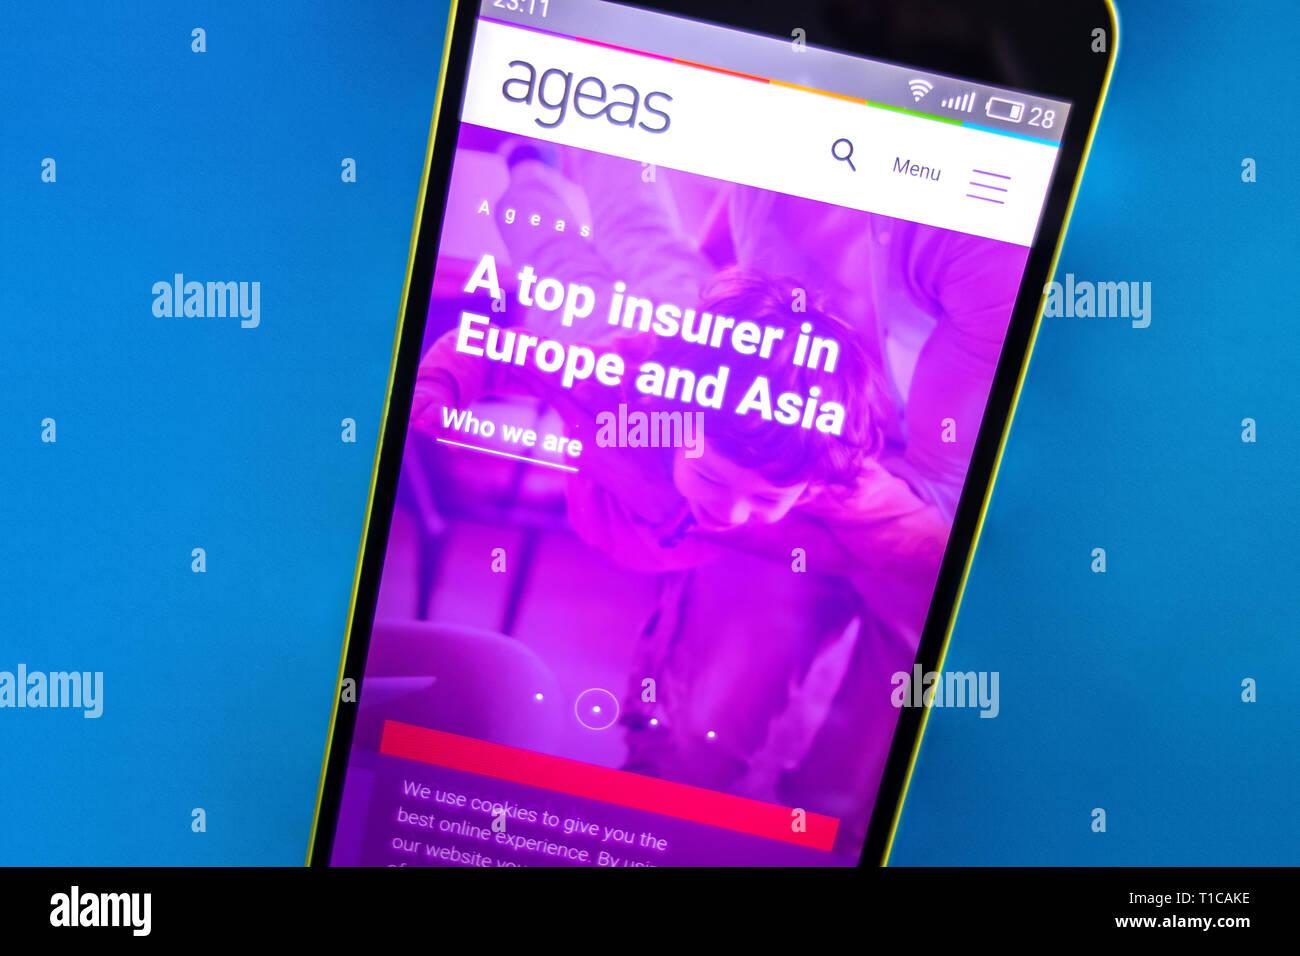 Berdiansk, Ukraine - le 23 mars 2019: Editorial, Ageas accueil du site. Logo Ageas visible sur l'écran du téléphone. Photo Stock